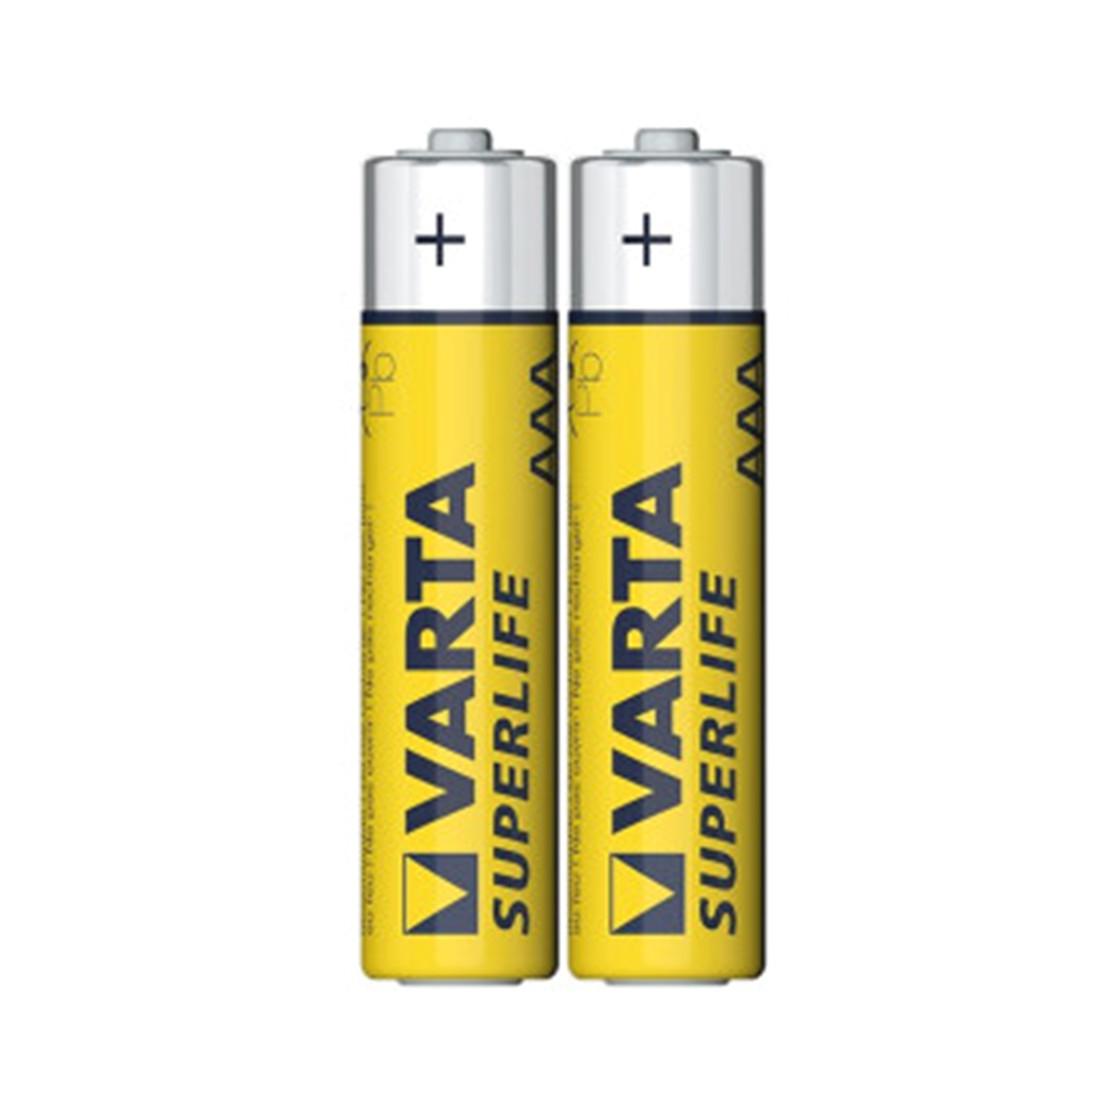 Батарейка, VARTA, R03P Superlife, AAA, 1.5 V, 4 шт., в пленке